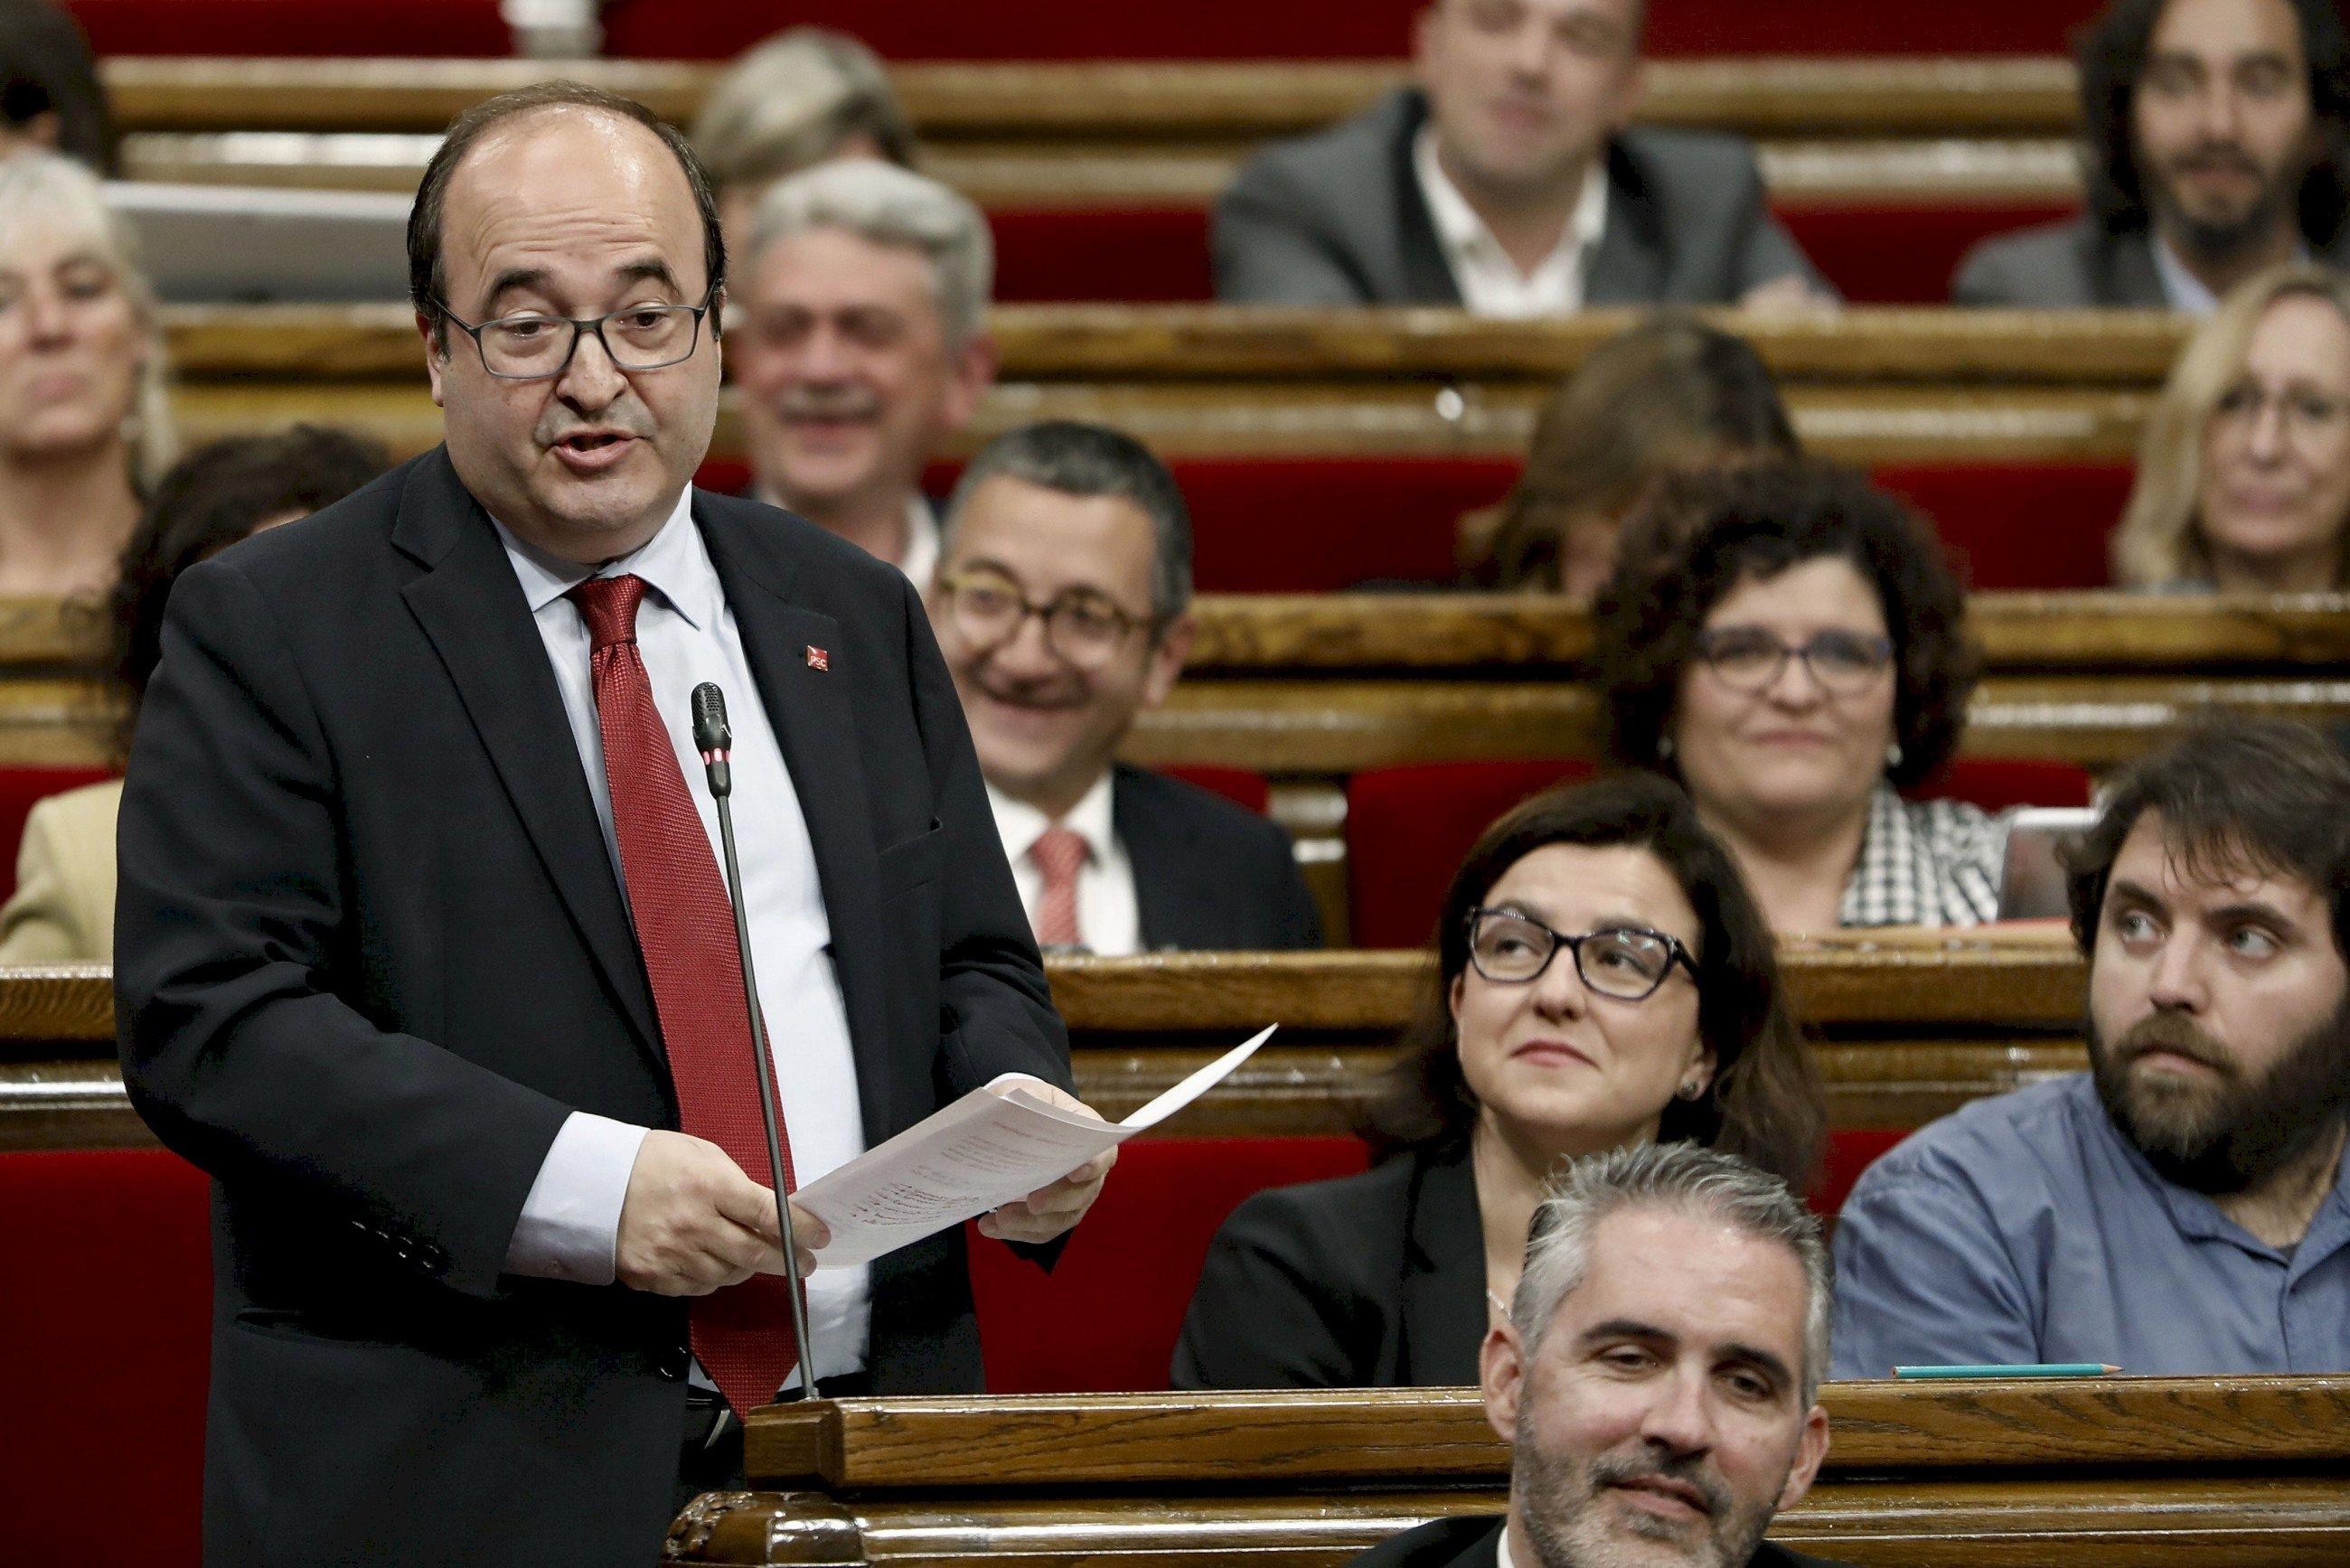 GPP | Proposicions No de Llei relatives a les Forces i Cossos de Seguretat de l'Estat espanyol i derivats 636929310909160255